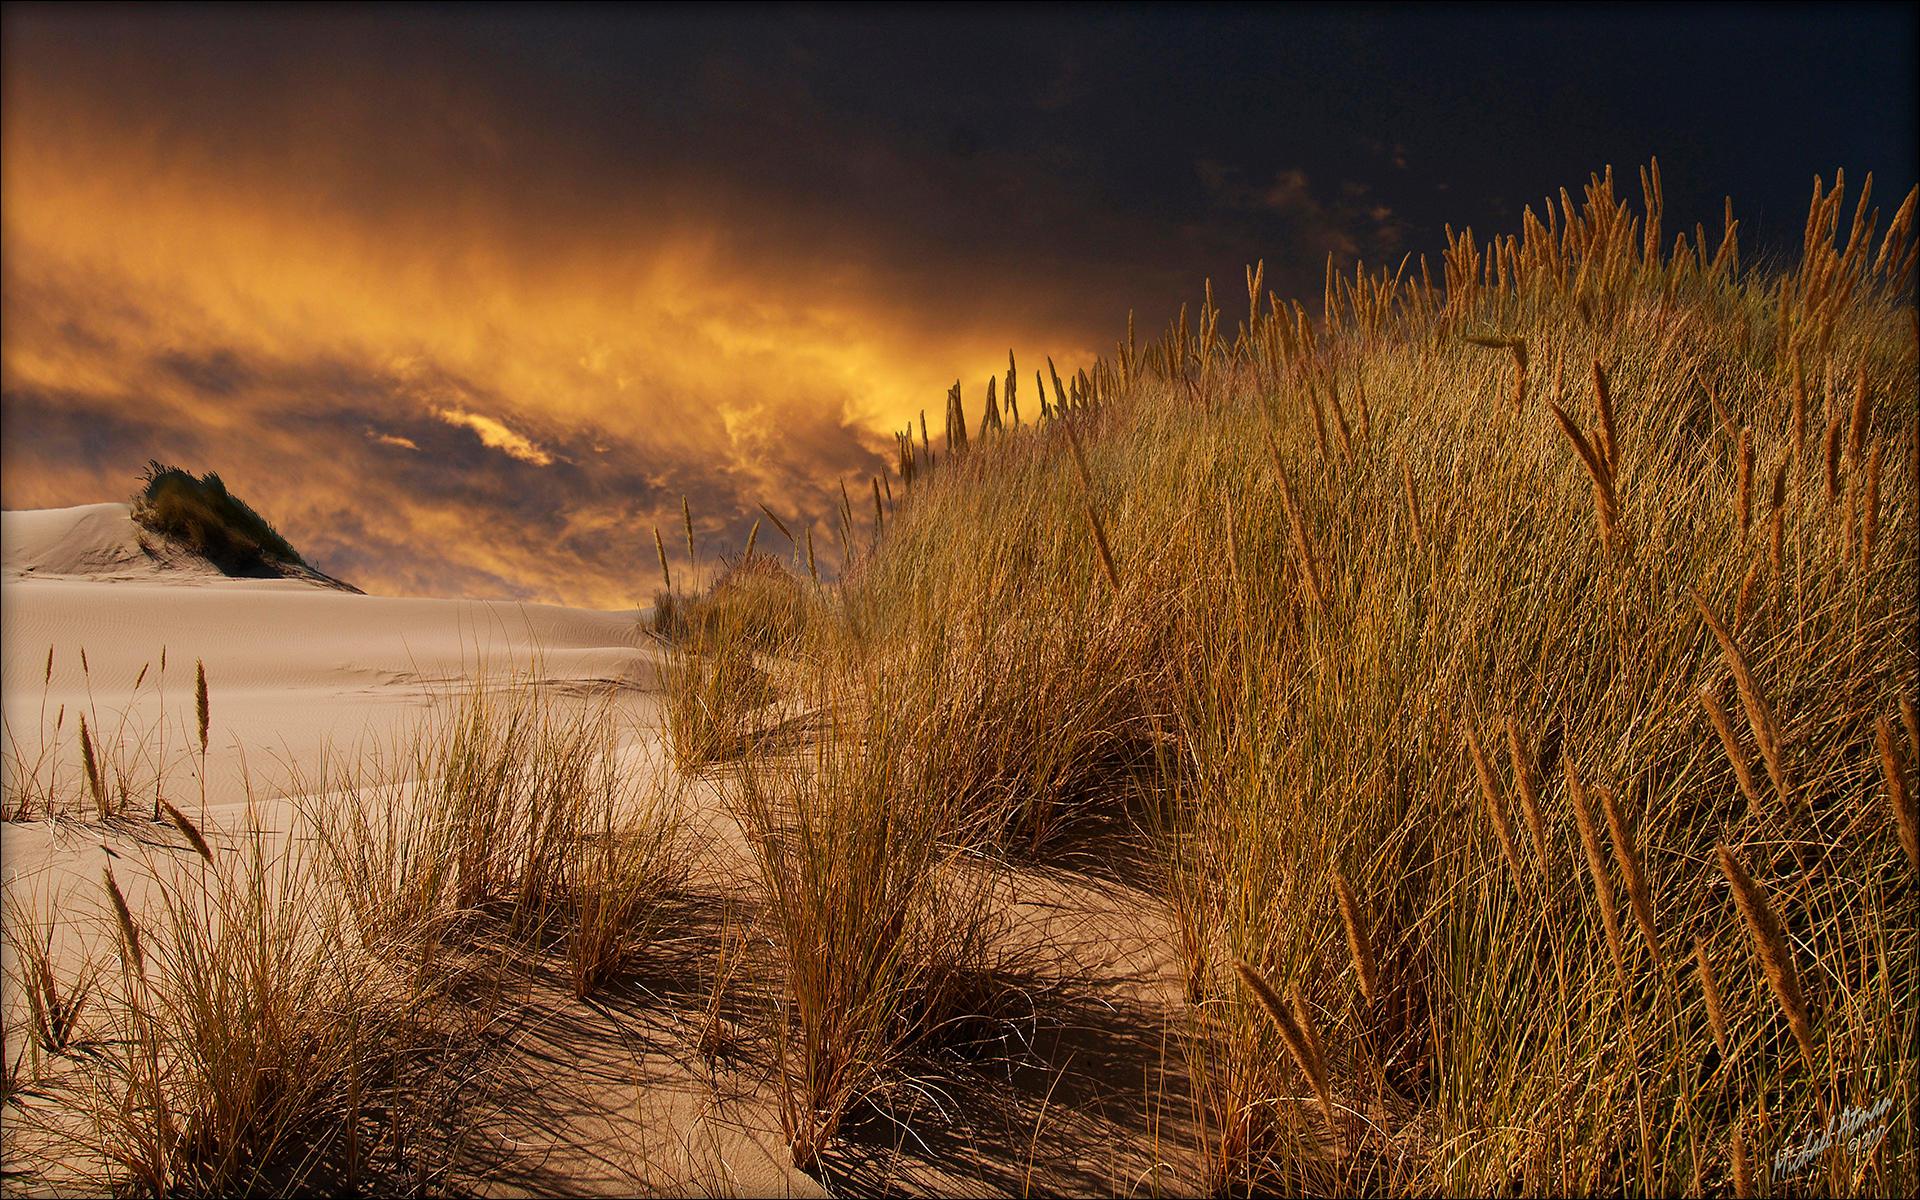 Beach Sunset by MichaelAtman